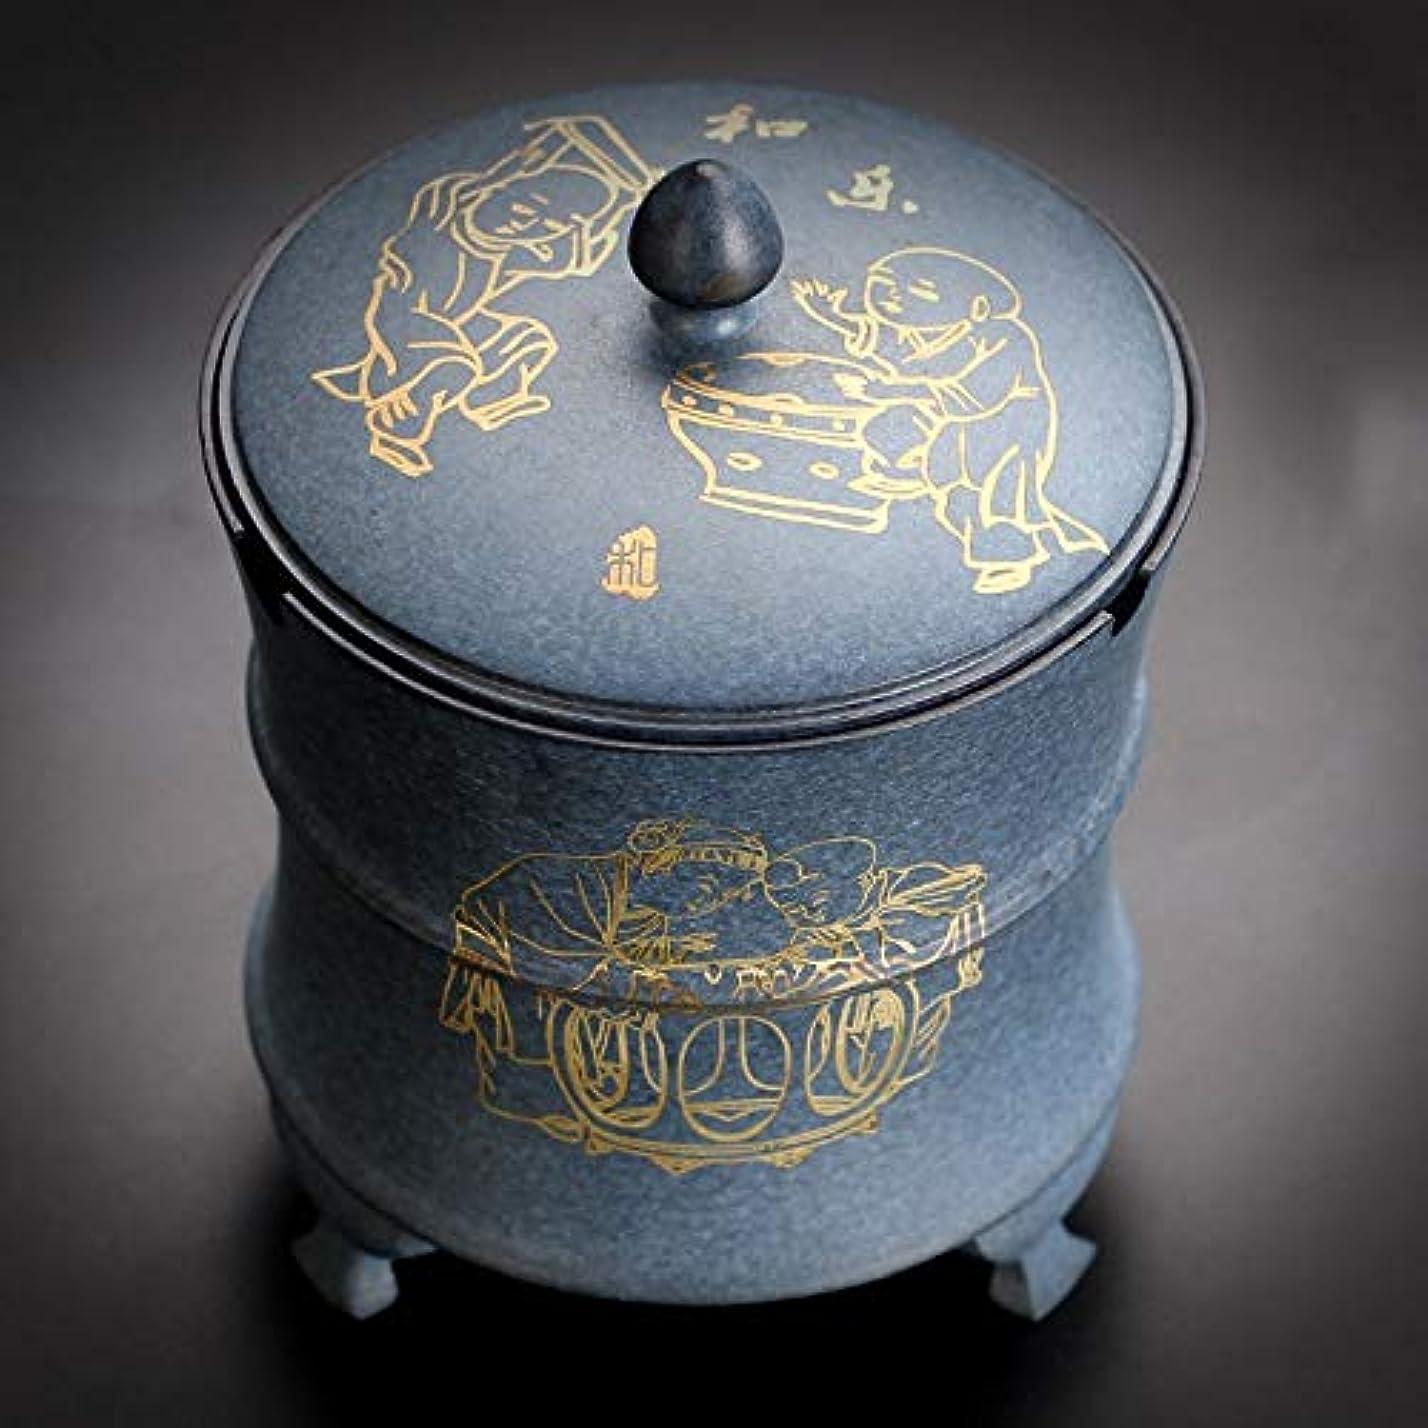 消去燃やす胸純銅灰皿銅工芸品居間研究室装飾アンティーク灰皿装飾品